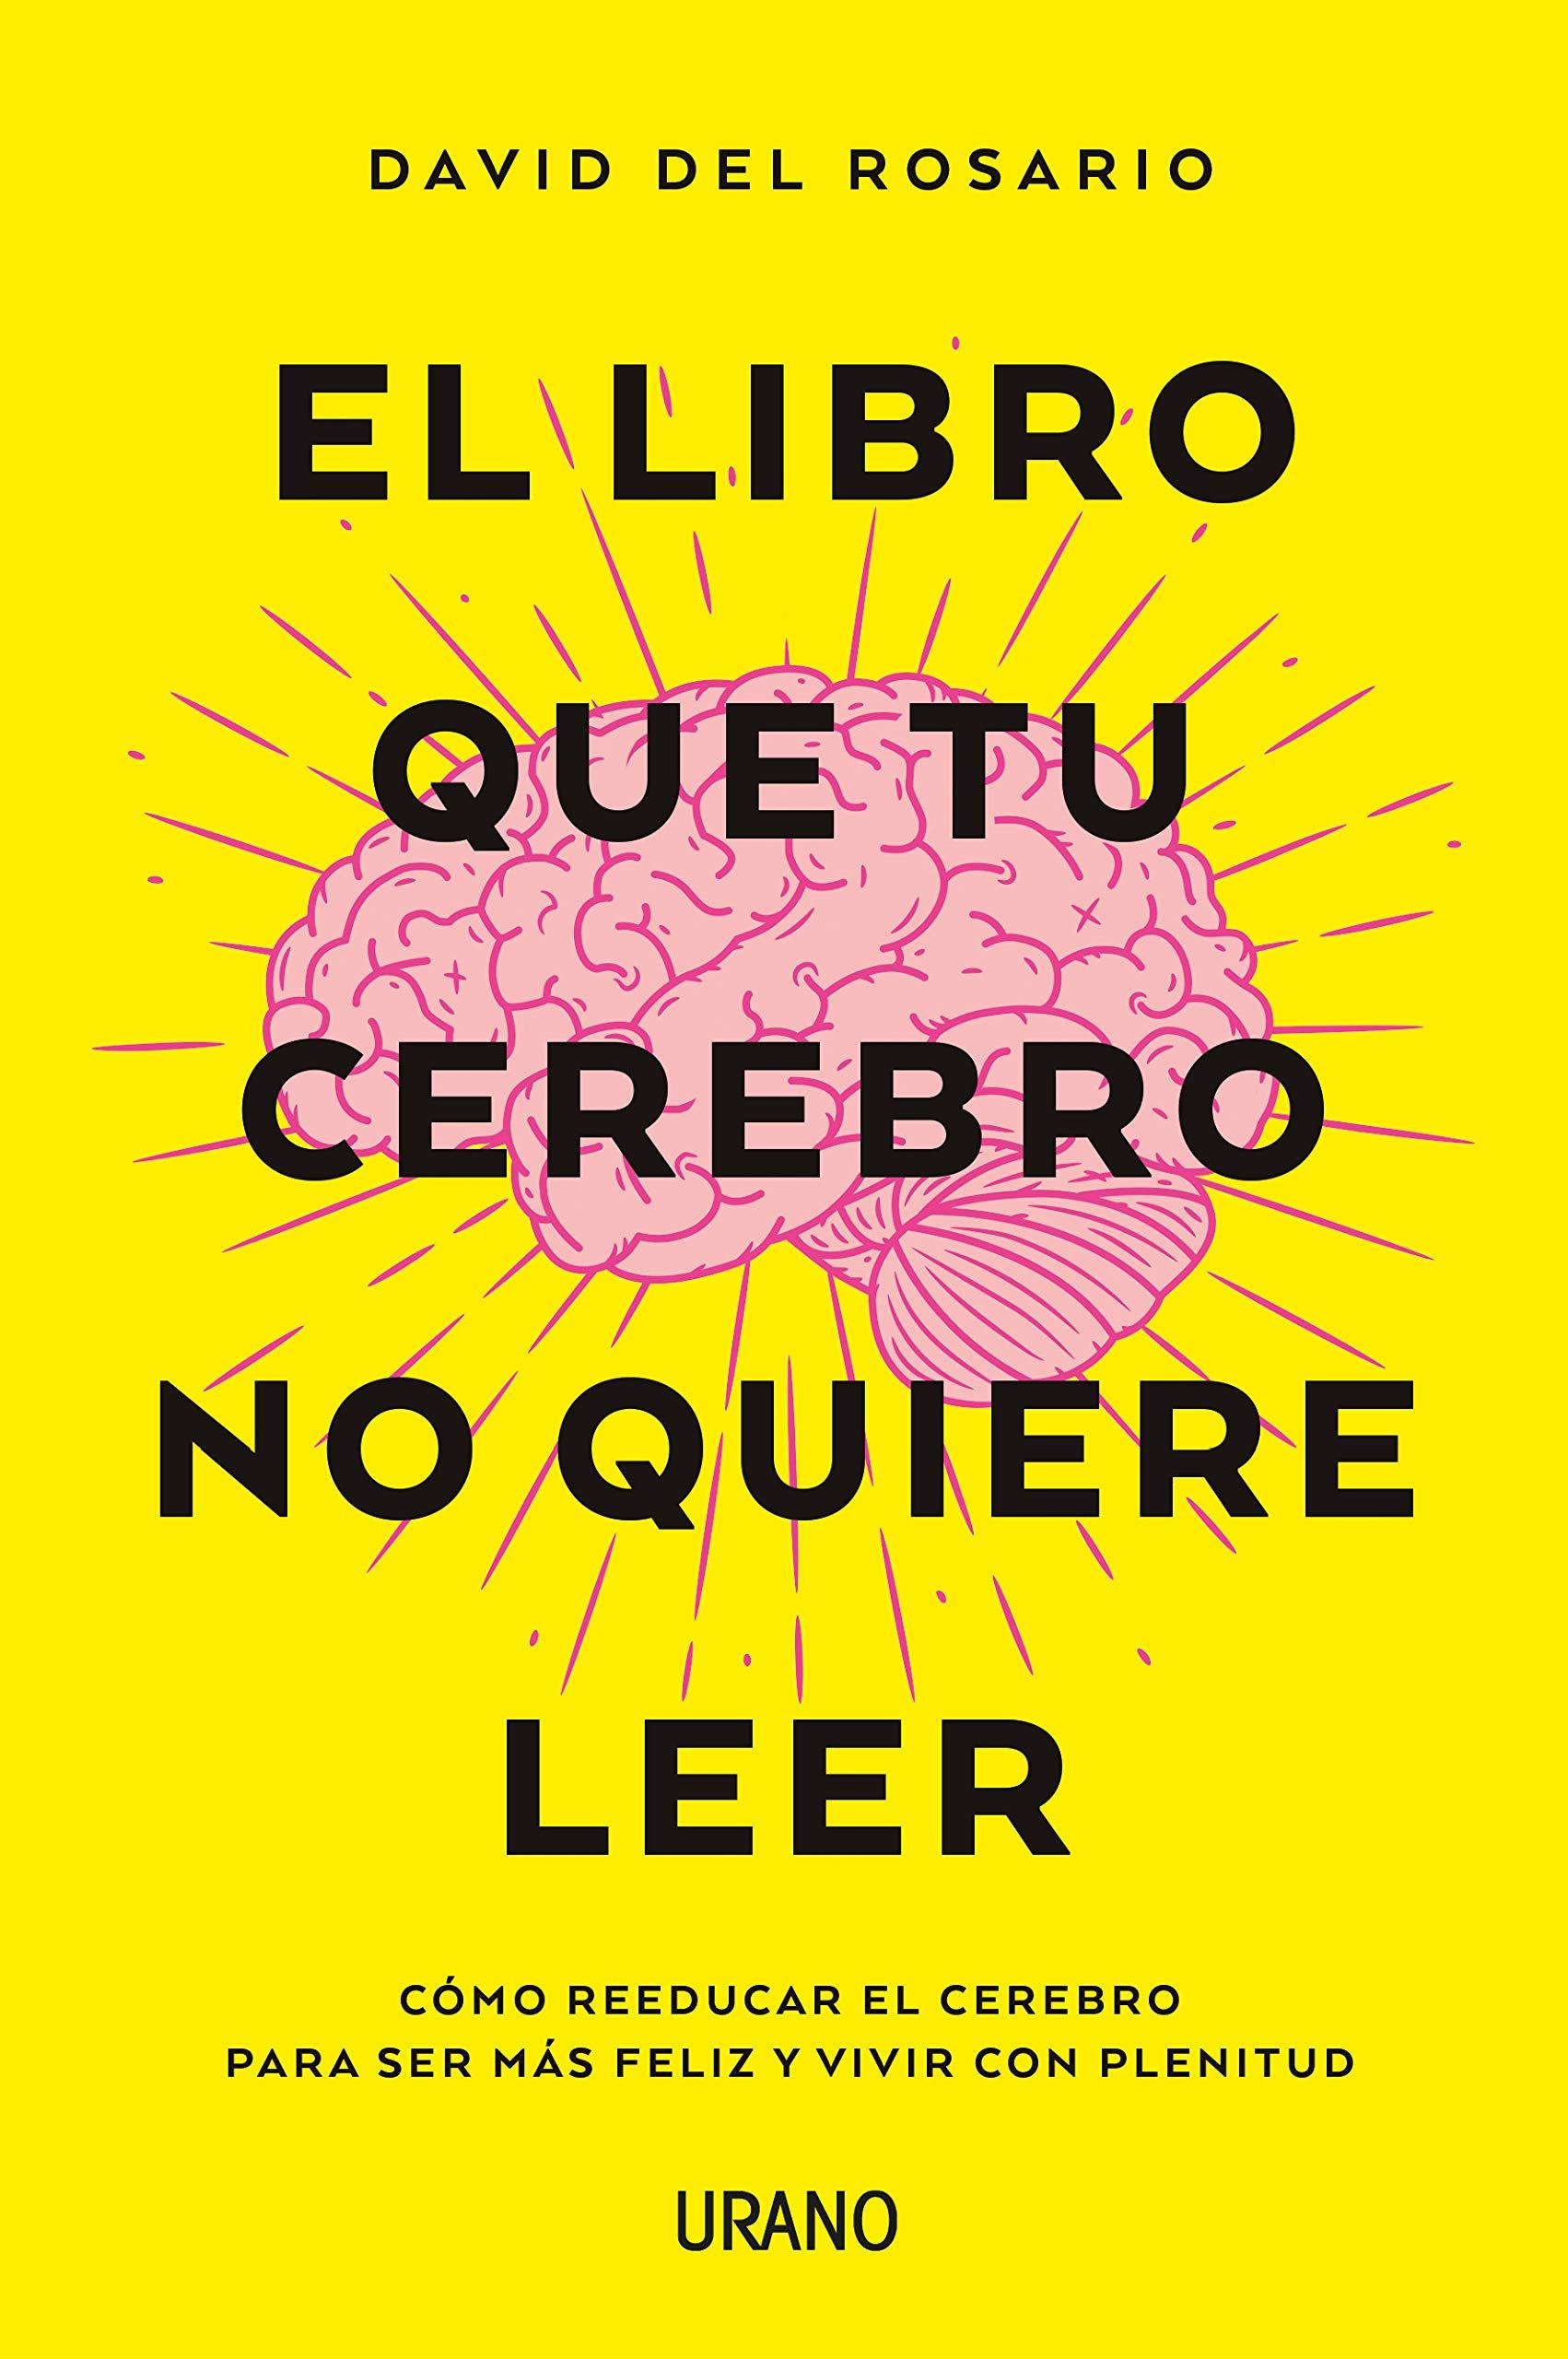 Libro que tu cerebro no quiere leer